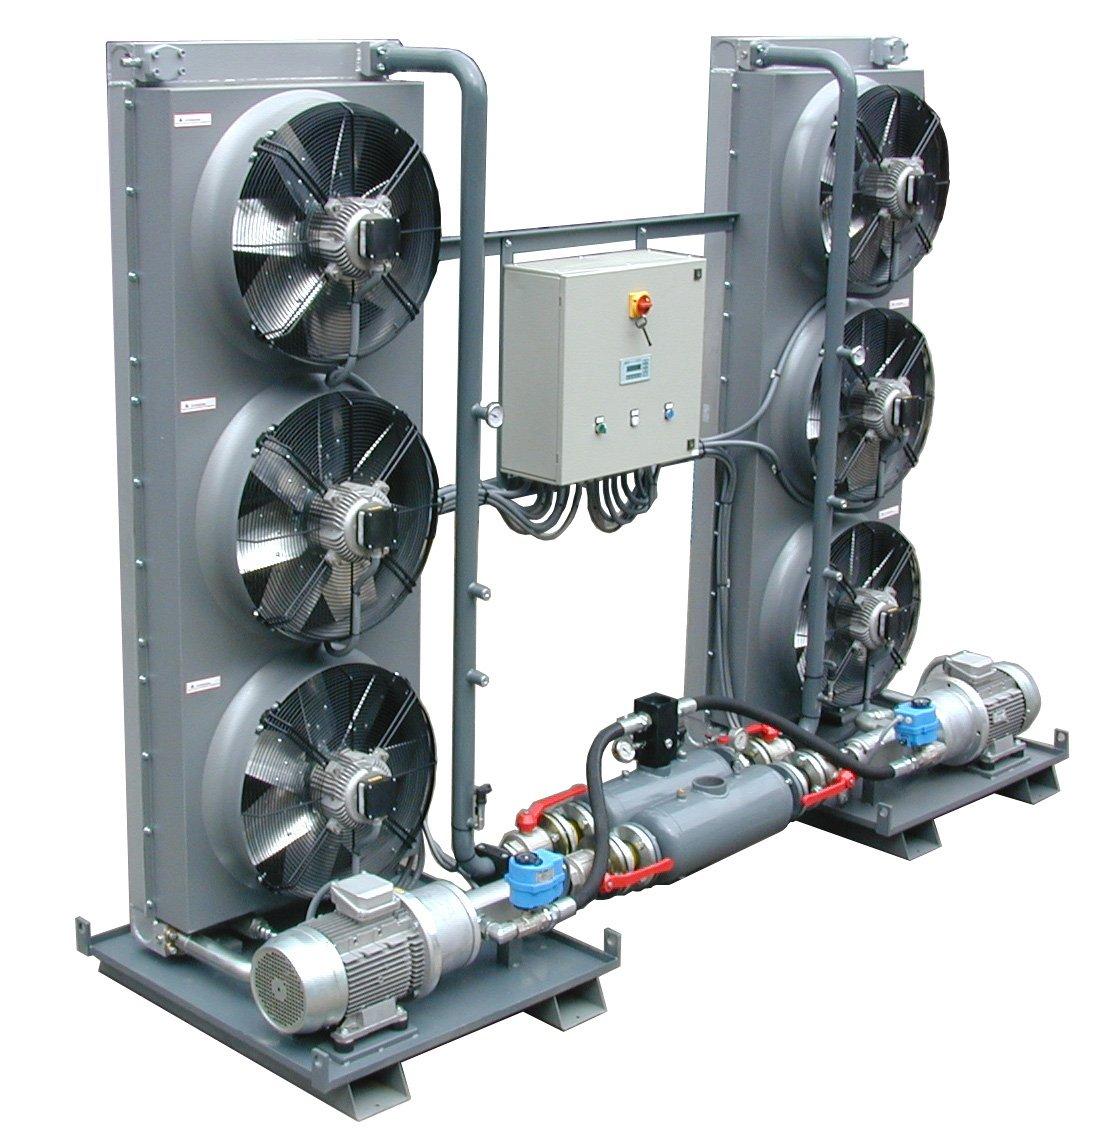 Scambiatore di calore ENEA plus - Complessivo HPP